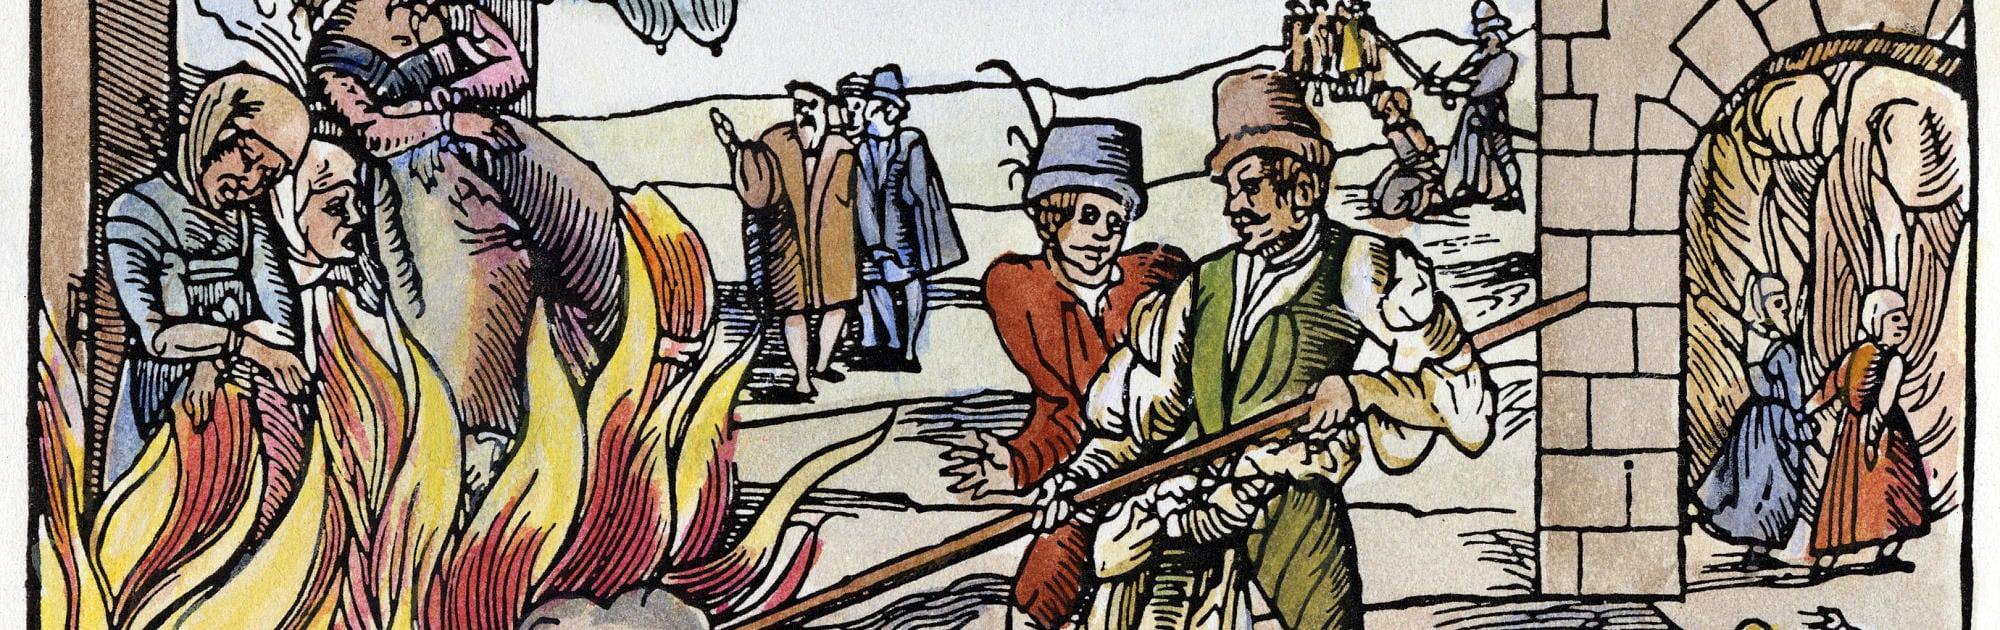 Hỏa thiêu phù thủy ở Derenburg, 1555. Nguồn: Spektrum.